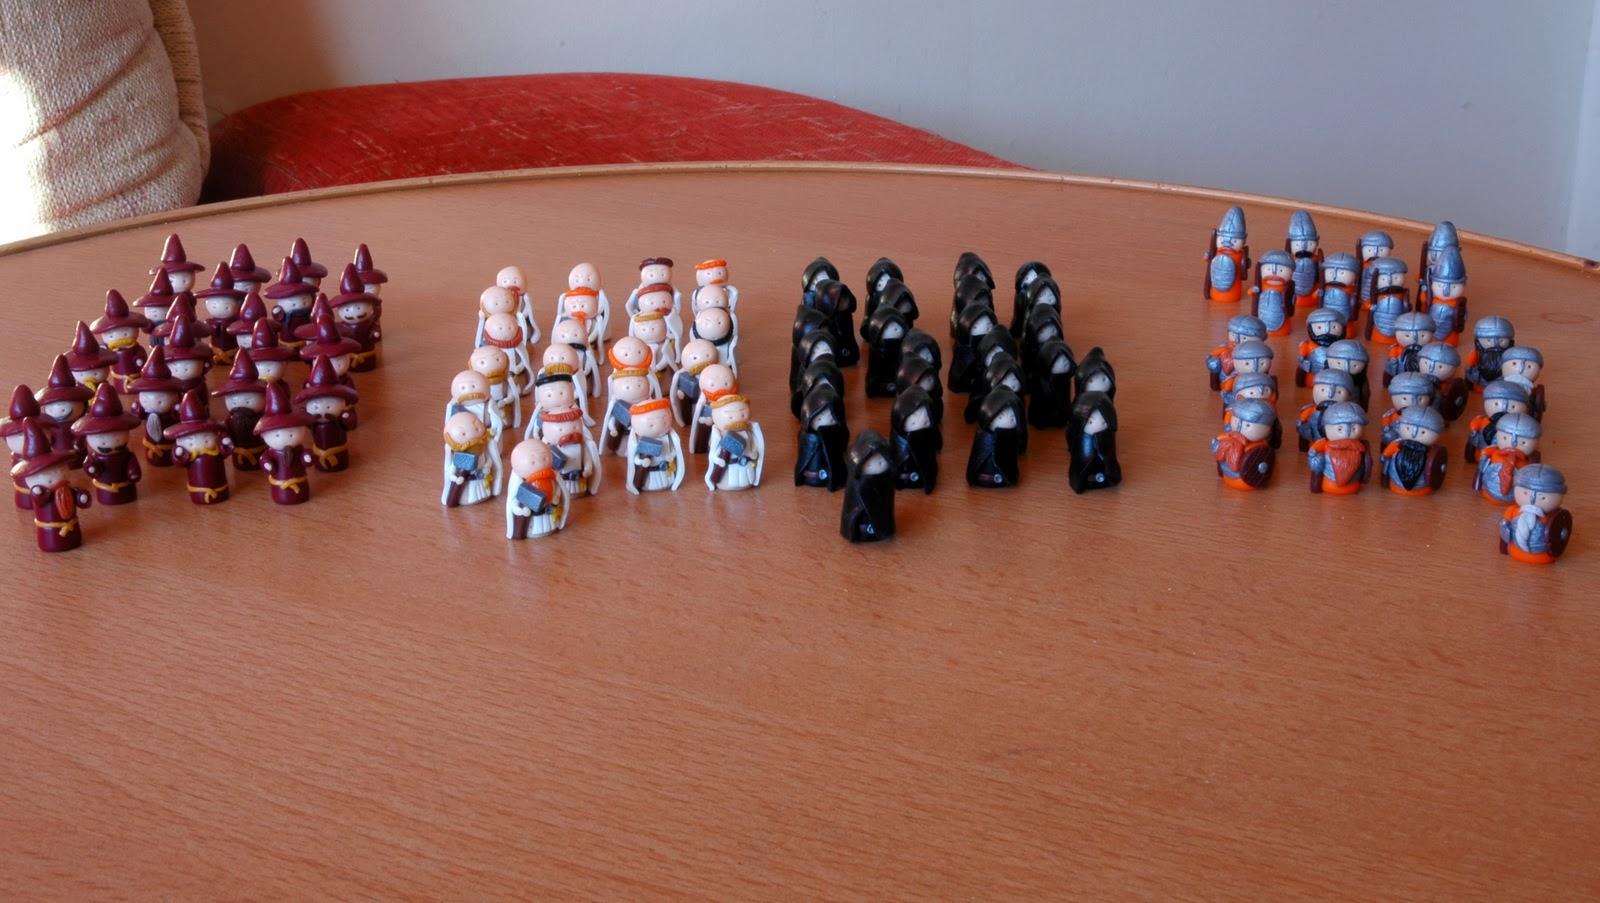 LoW_board_game_figures_hoboldsgrotte_001.jpg